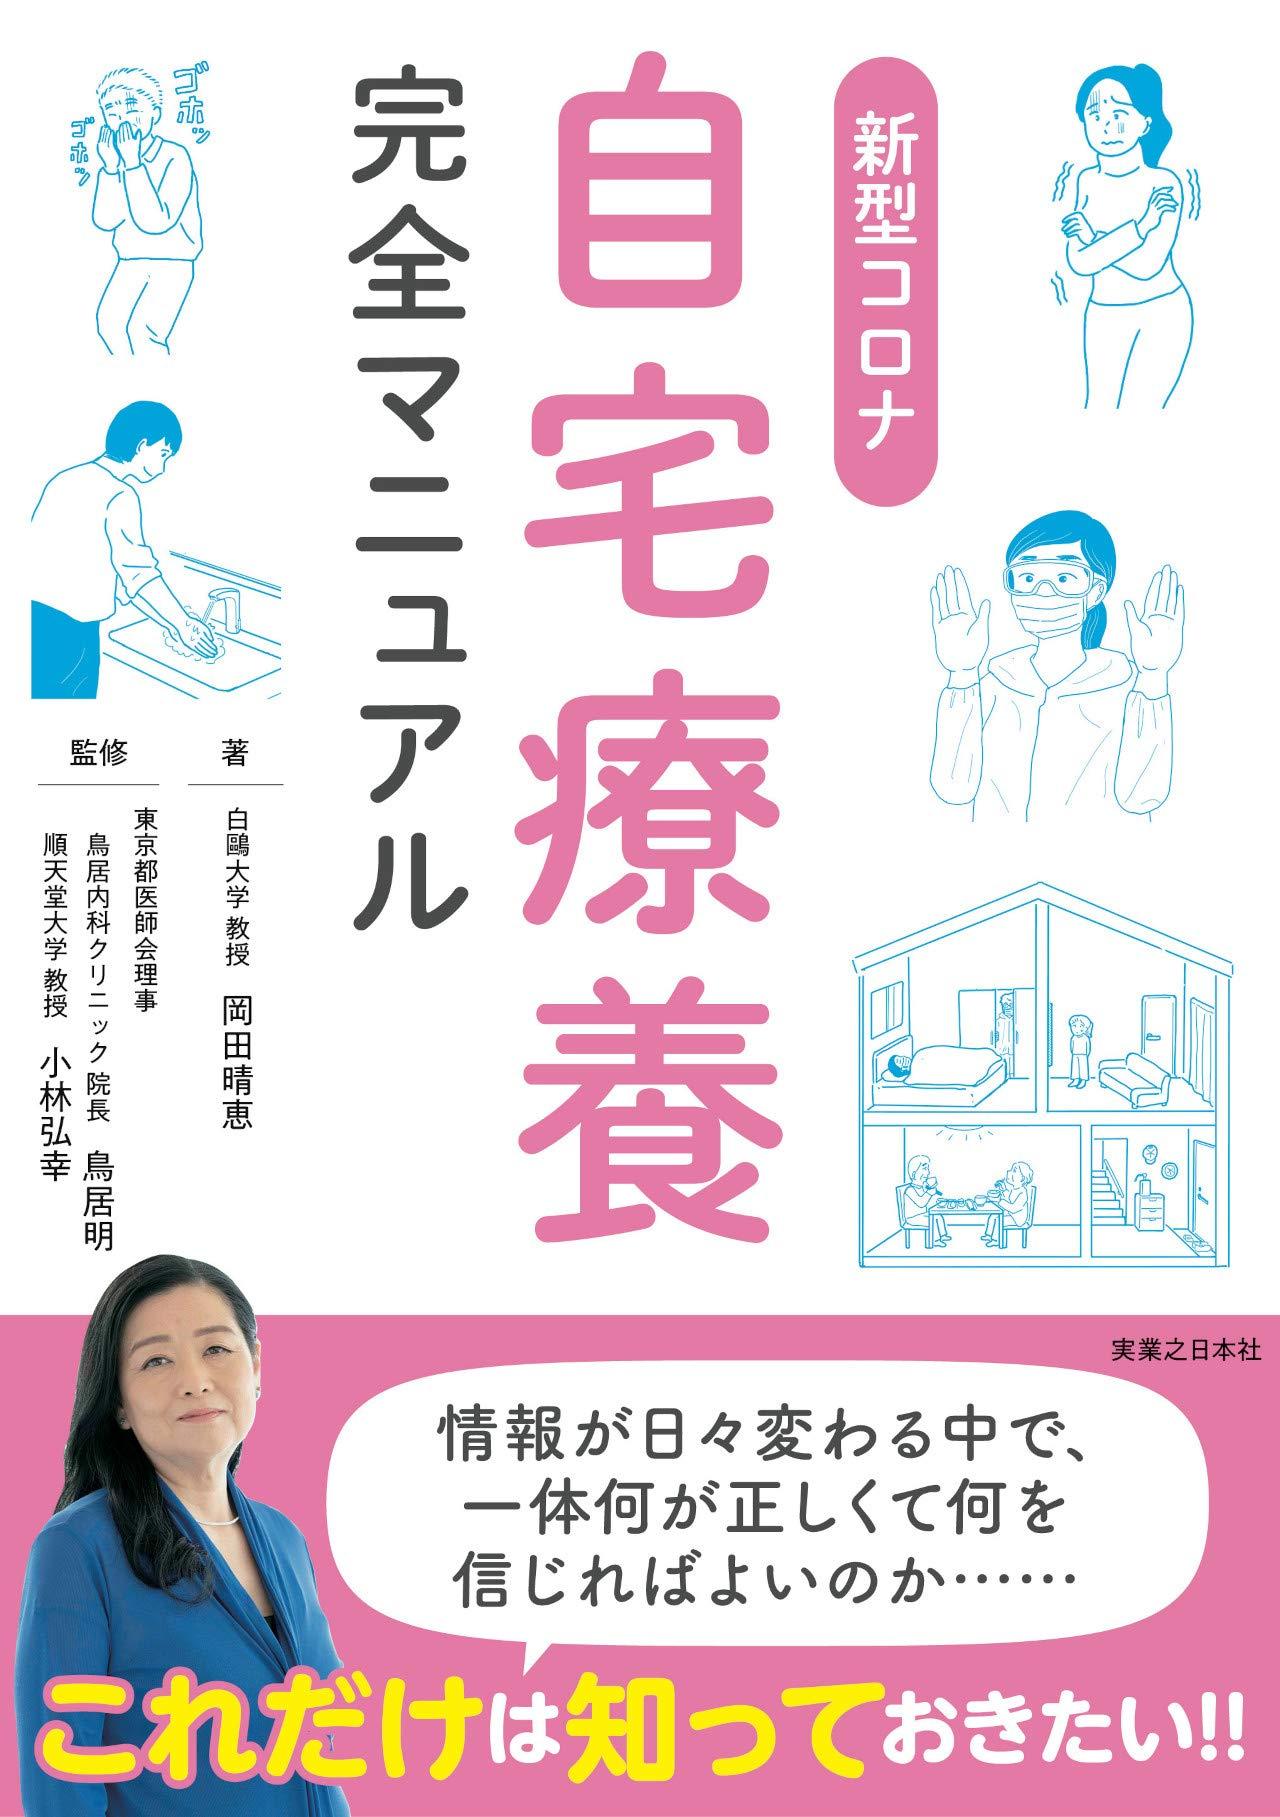 岡田 晴恵 大学 白鴎